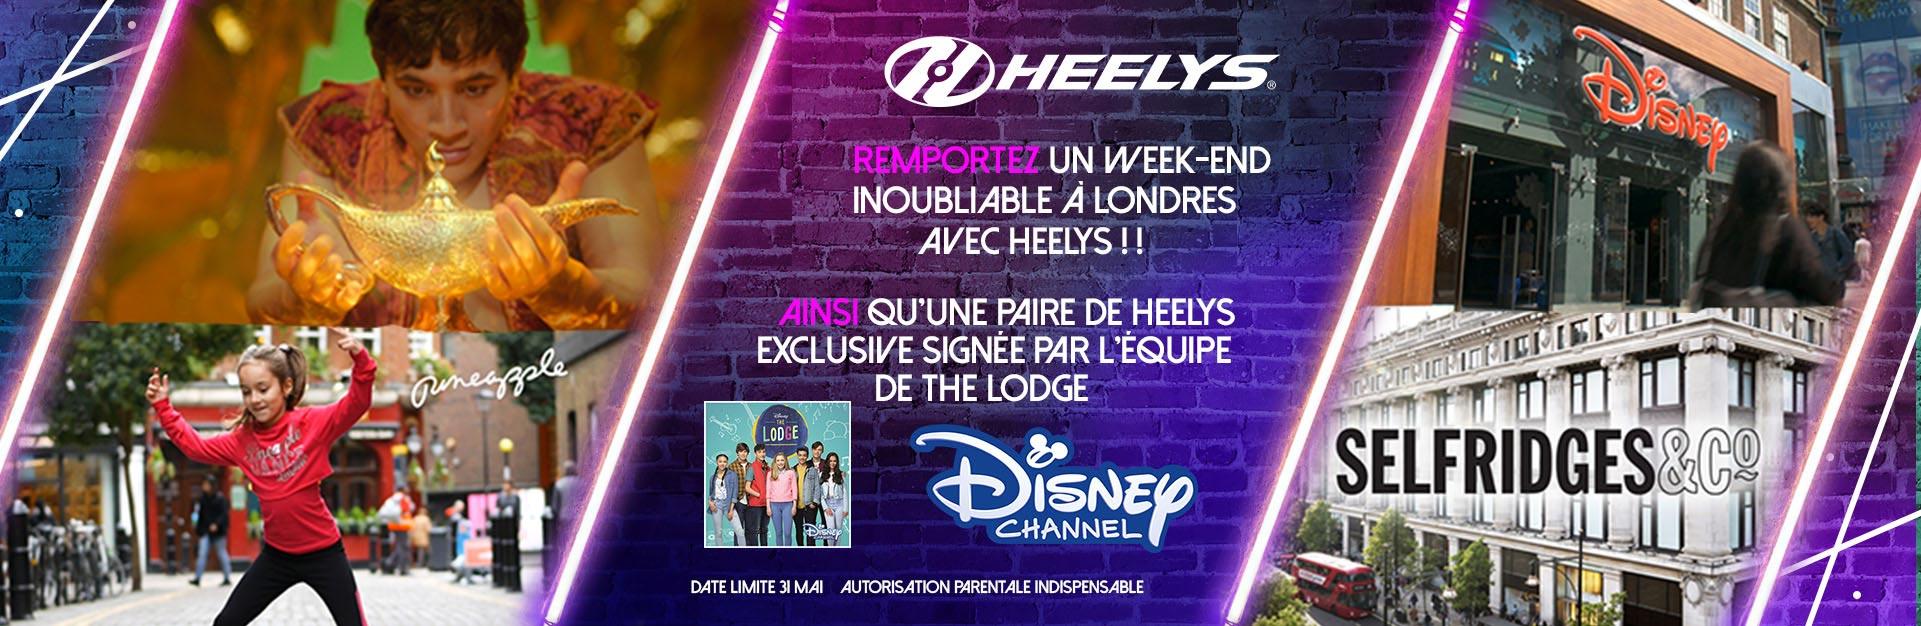 Remportez un week-end inoubliable à Londres avec Heelys!